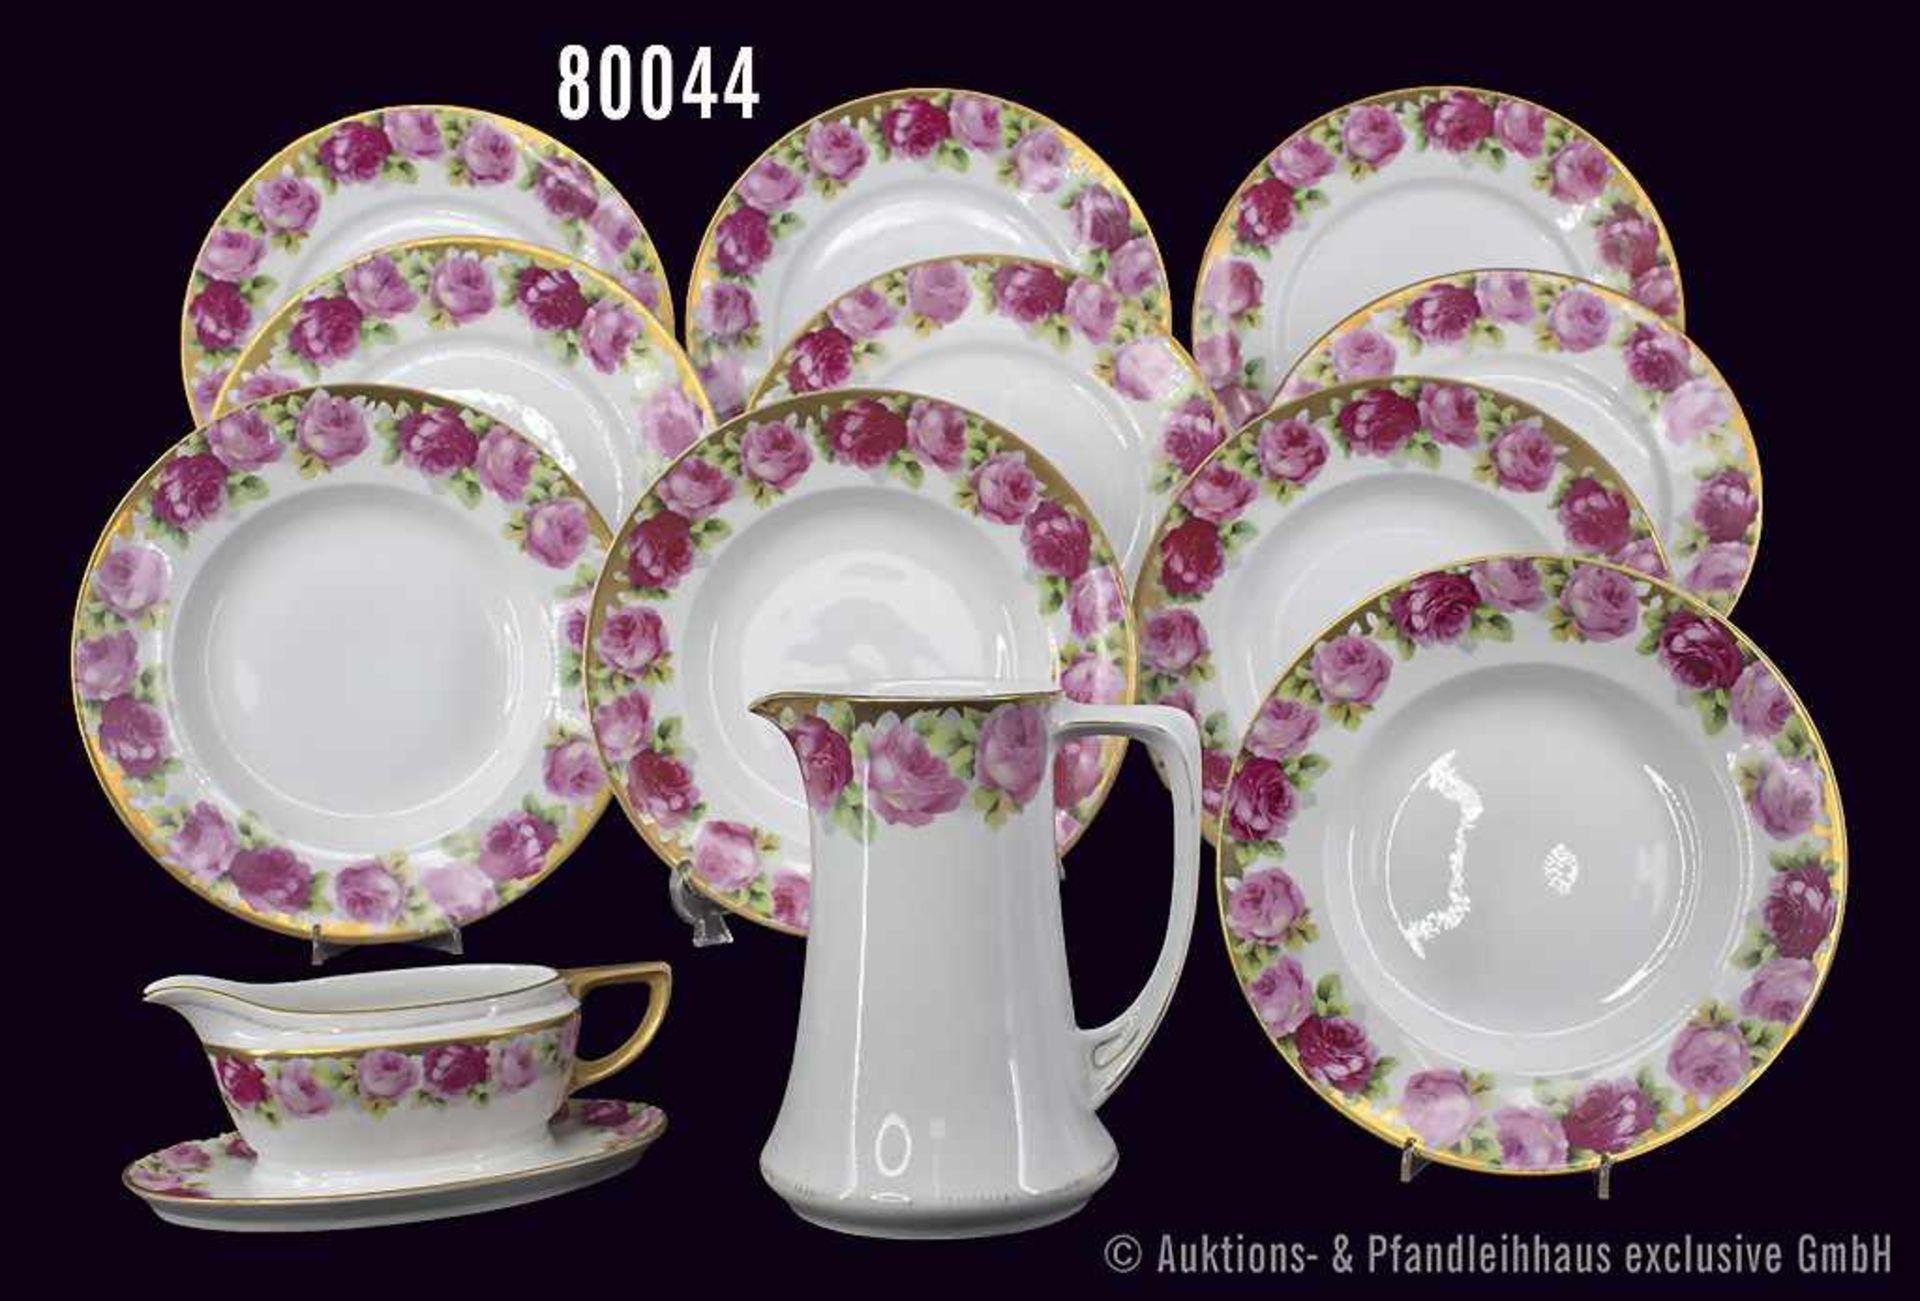 Konv. Rosenthal Porzellan, 12 Teile, Rosenthal 1 Krug Serie Chrysantheme, Dekor Cäcilie, Goldrand